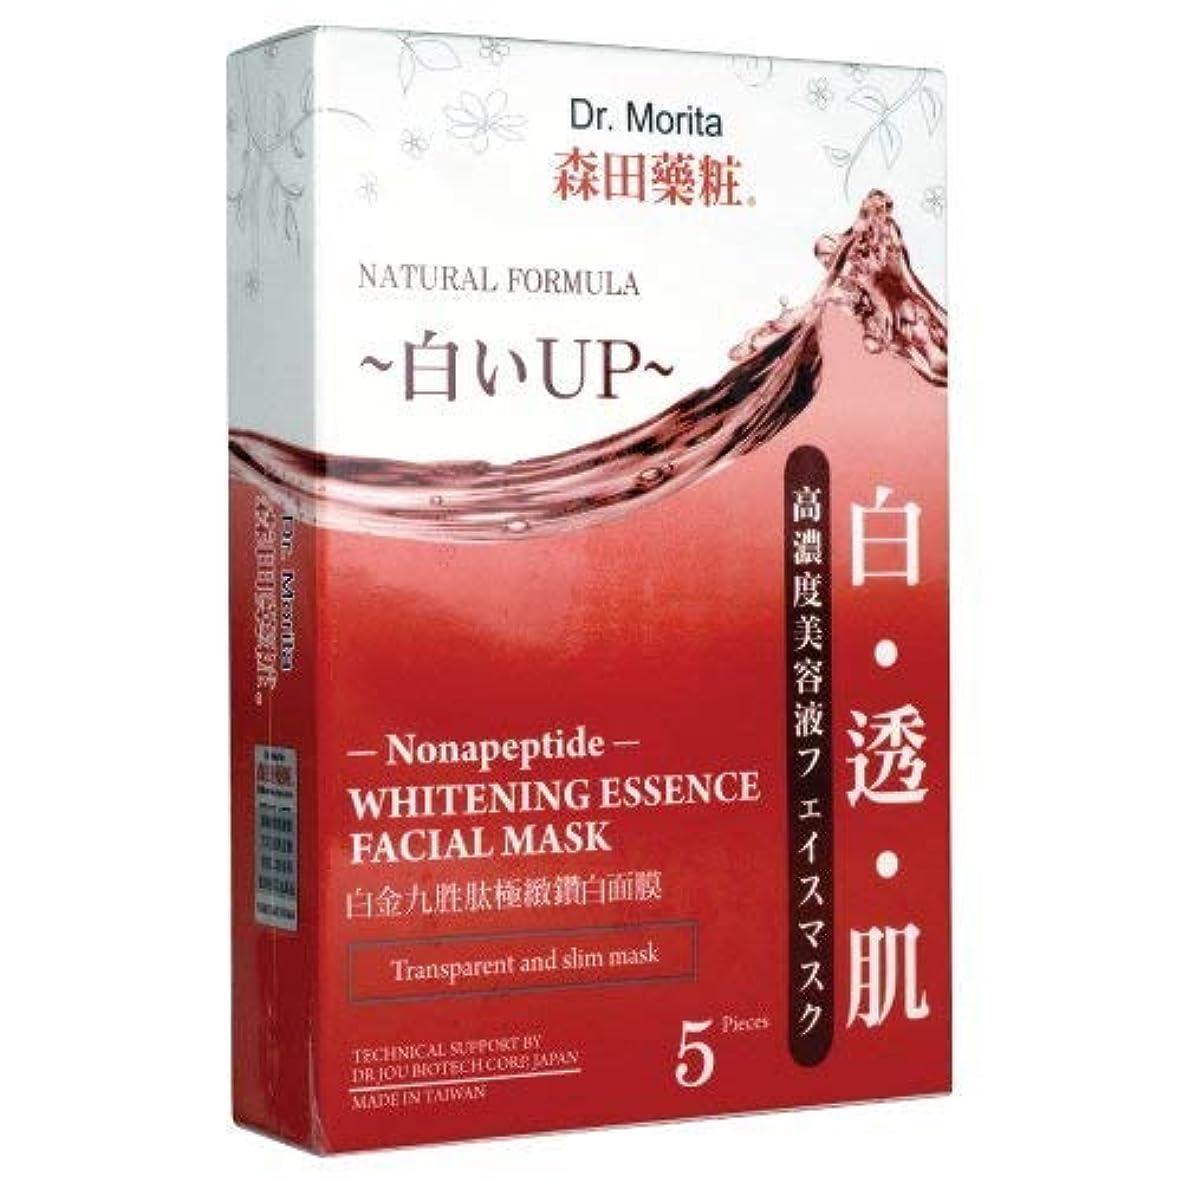 フェンスナイロン手順Doctor Morita 皮膚はしなやかでしっとりするようにナノペプチドは、マスク5皮膚とのバランス肌の水分レベルをホワイトニング。